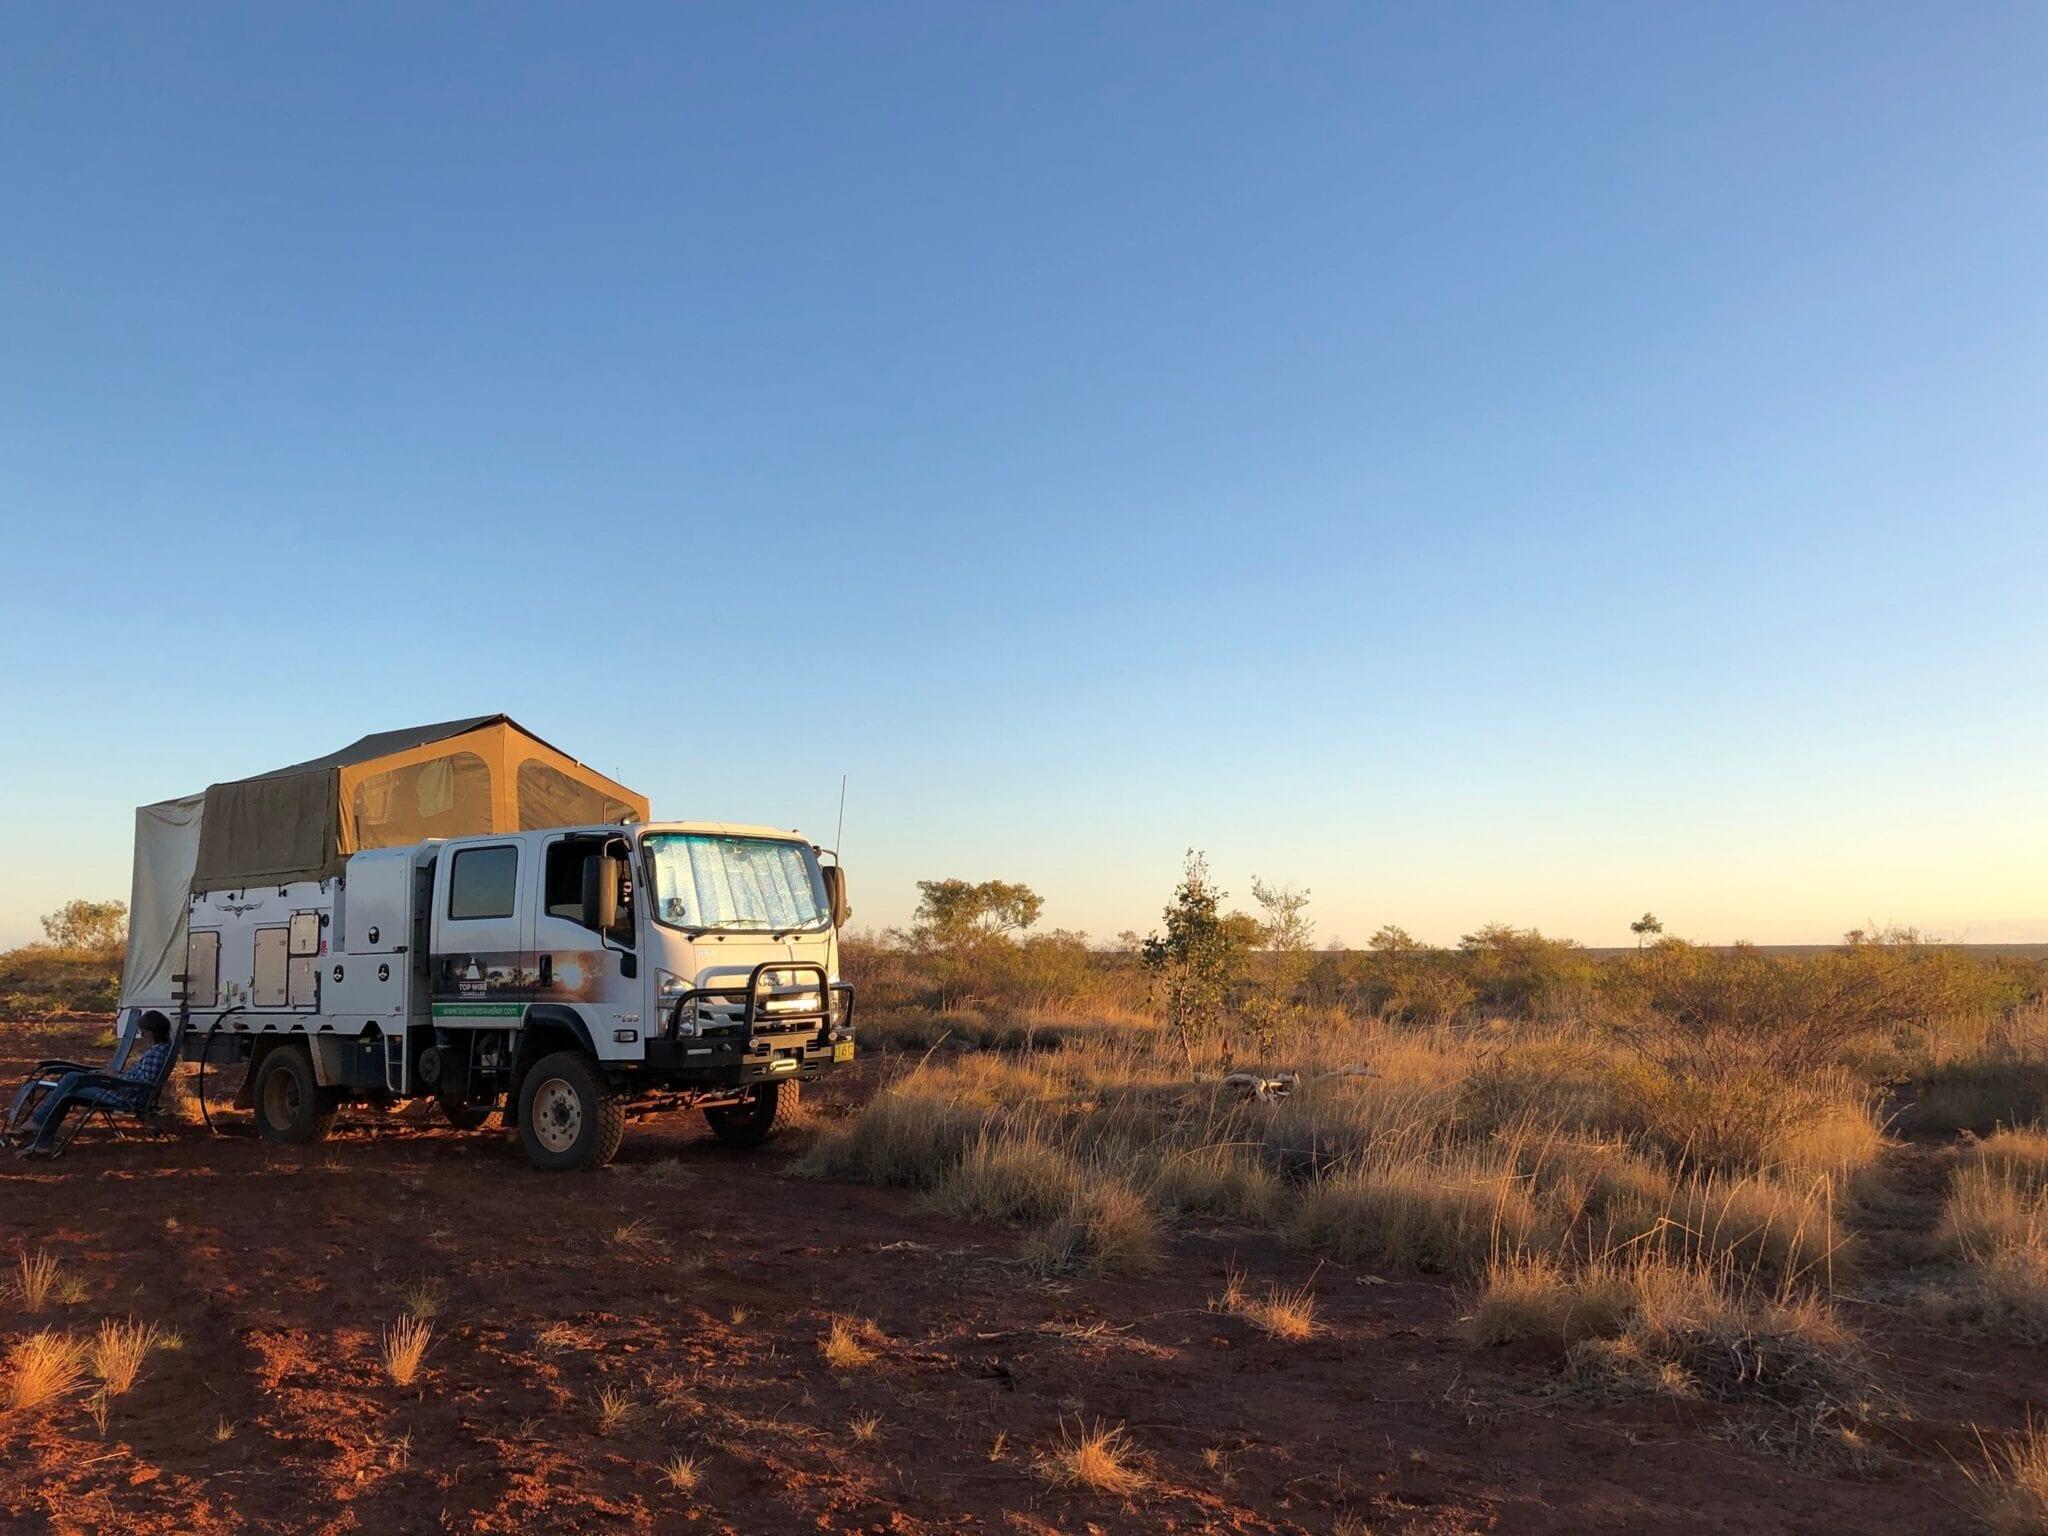 Camped in the Tanami Desert beside Lajamanu Road.